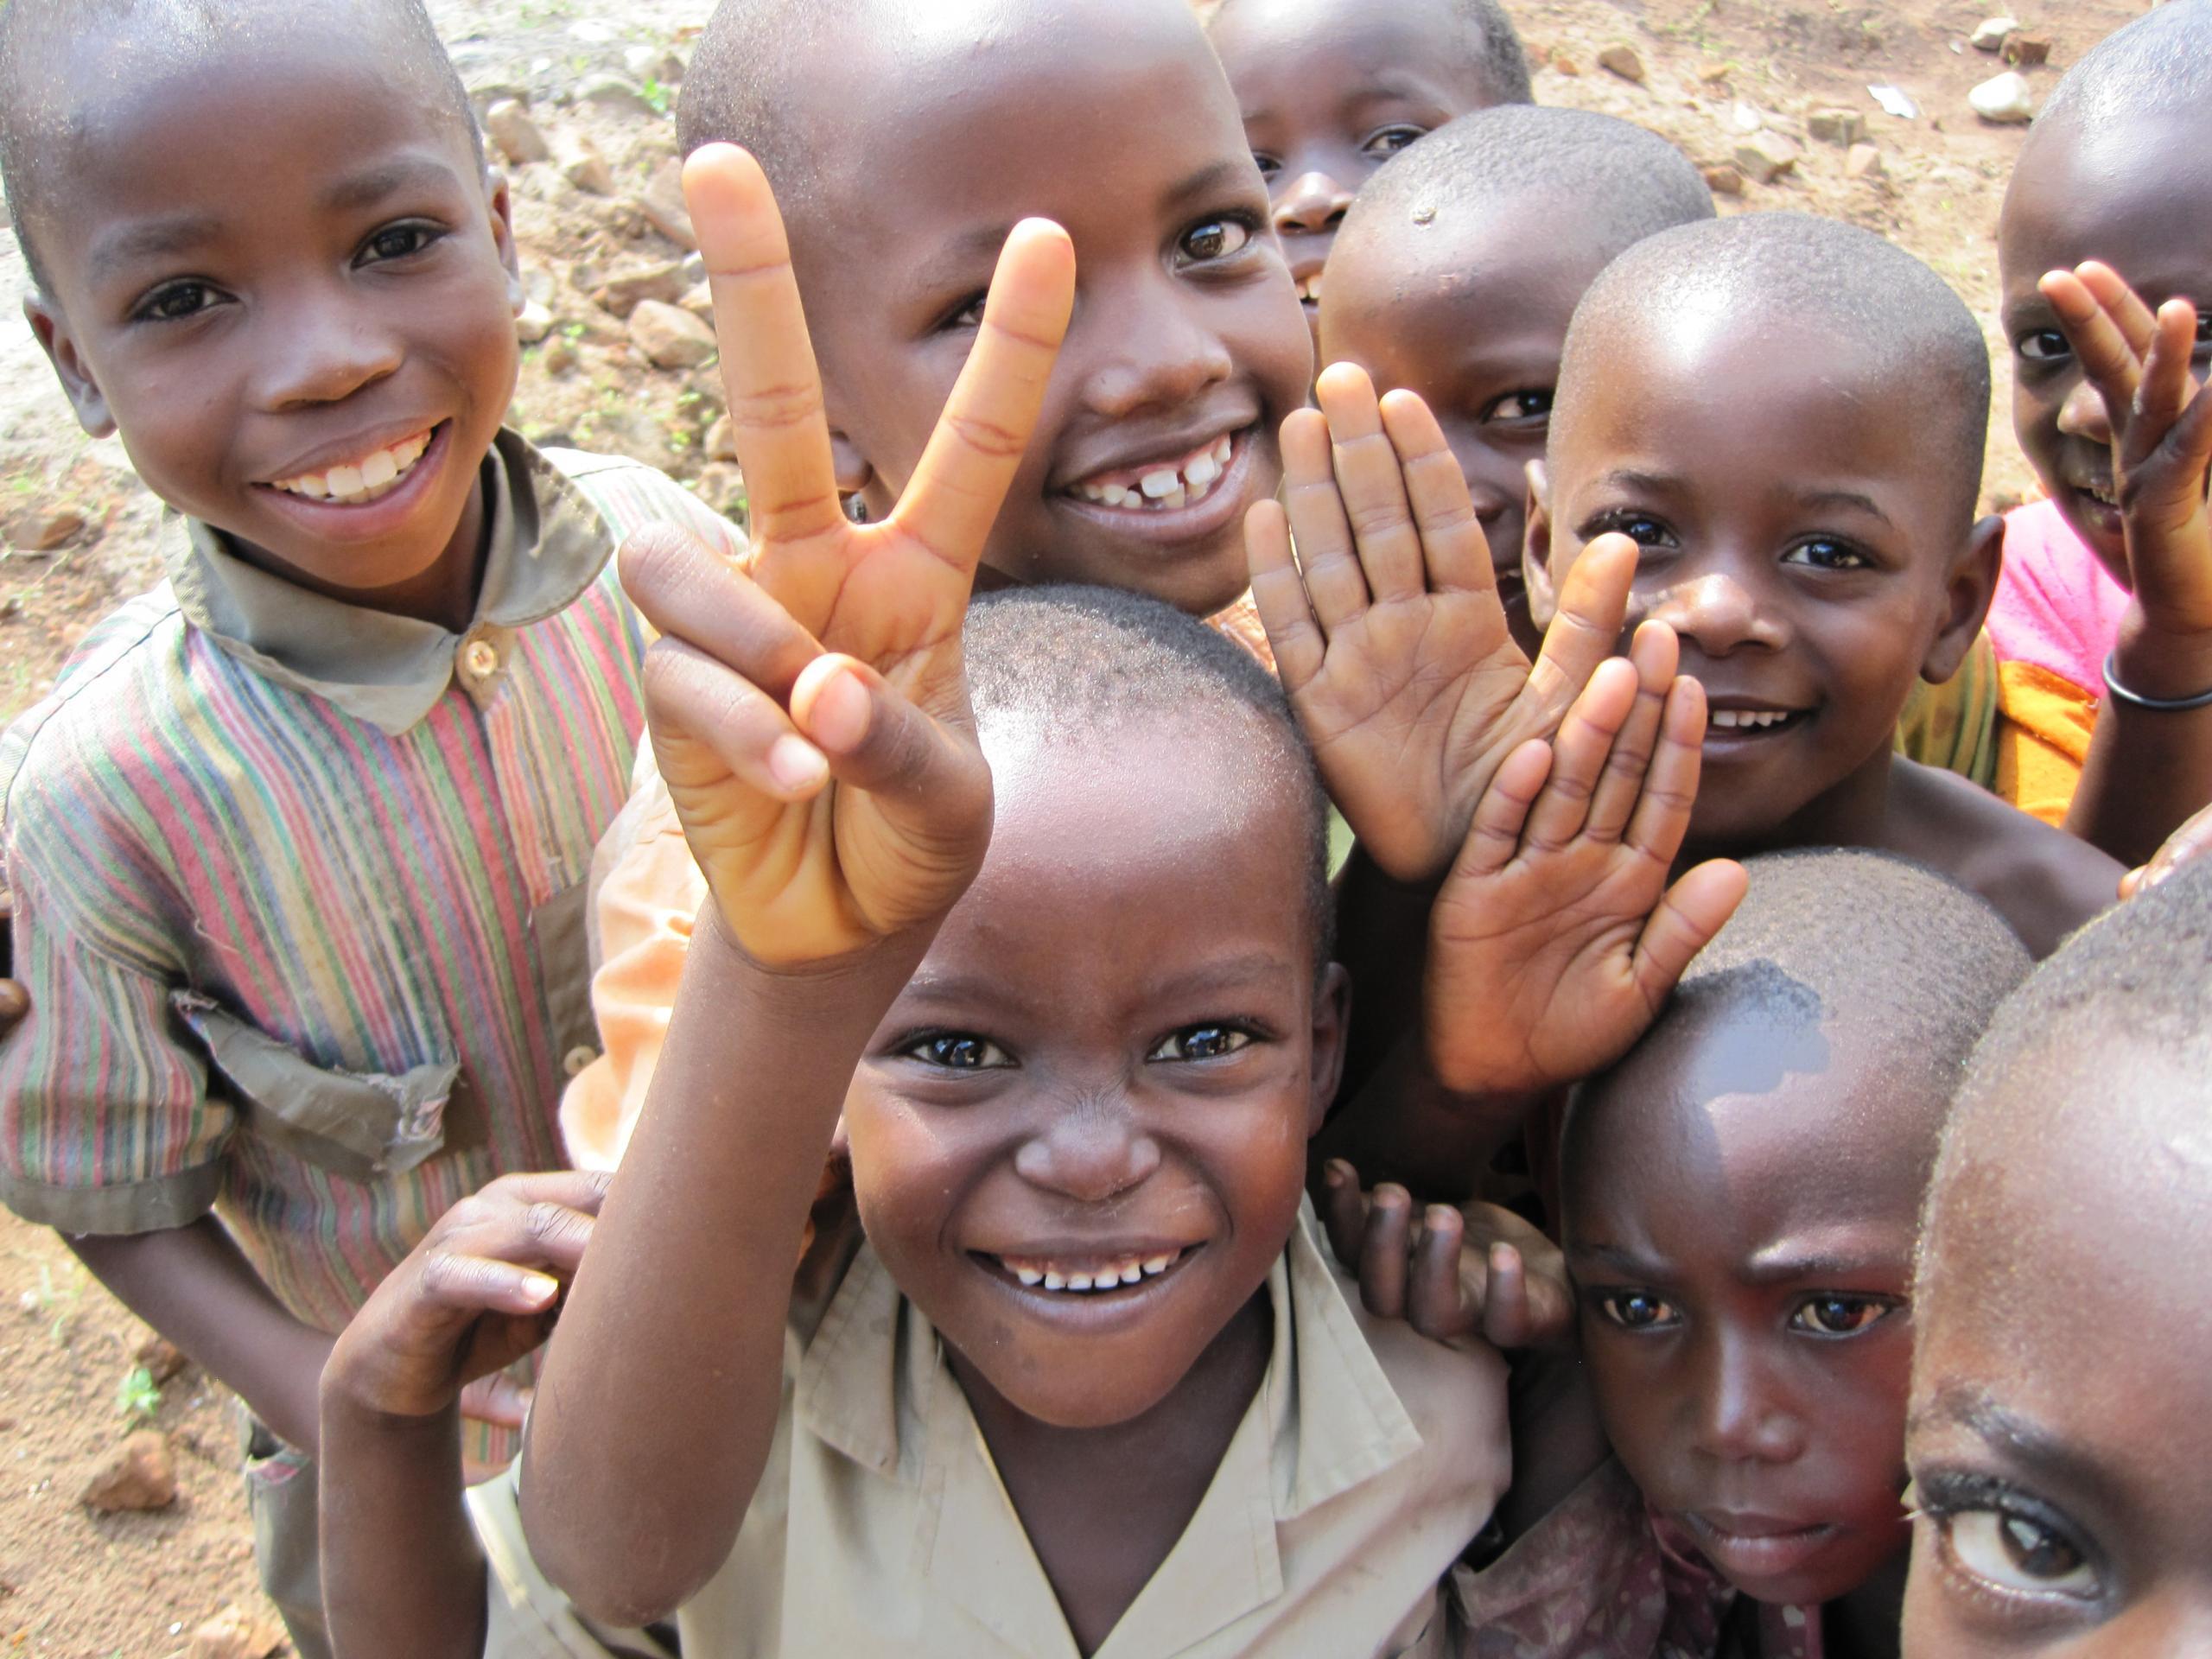 بالصور صور عن الفقر , اصعب الظروف وكيفيه التغلب على الفقر 586 8